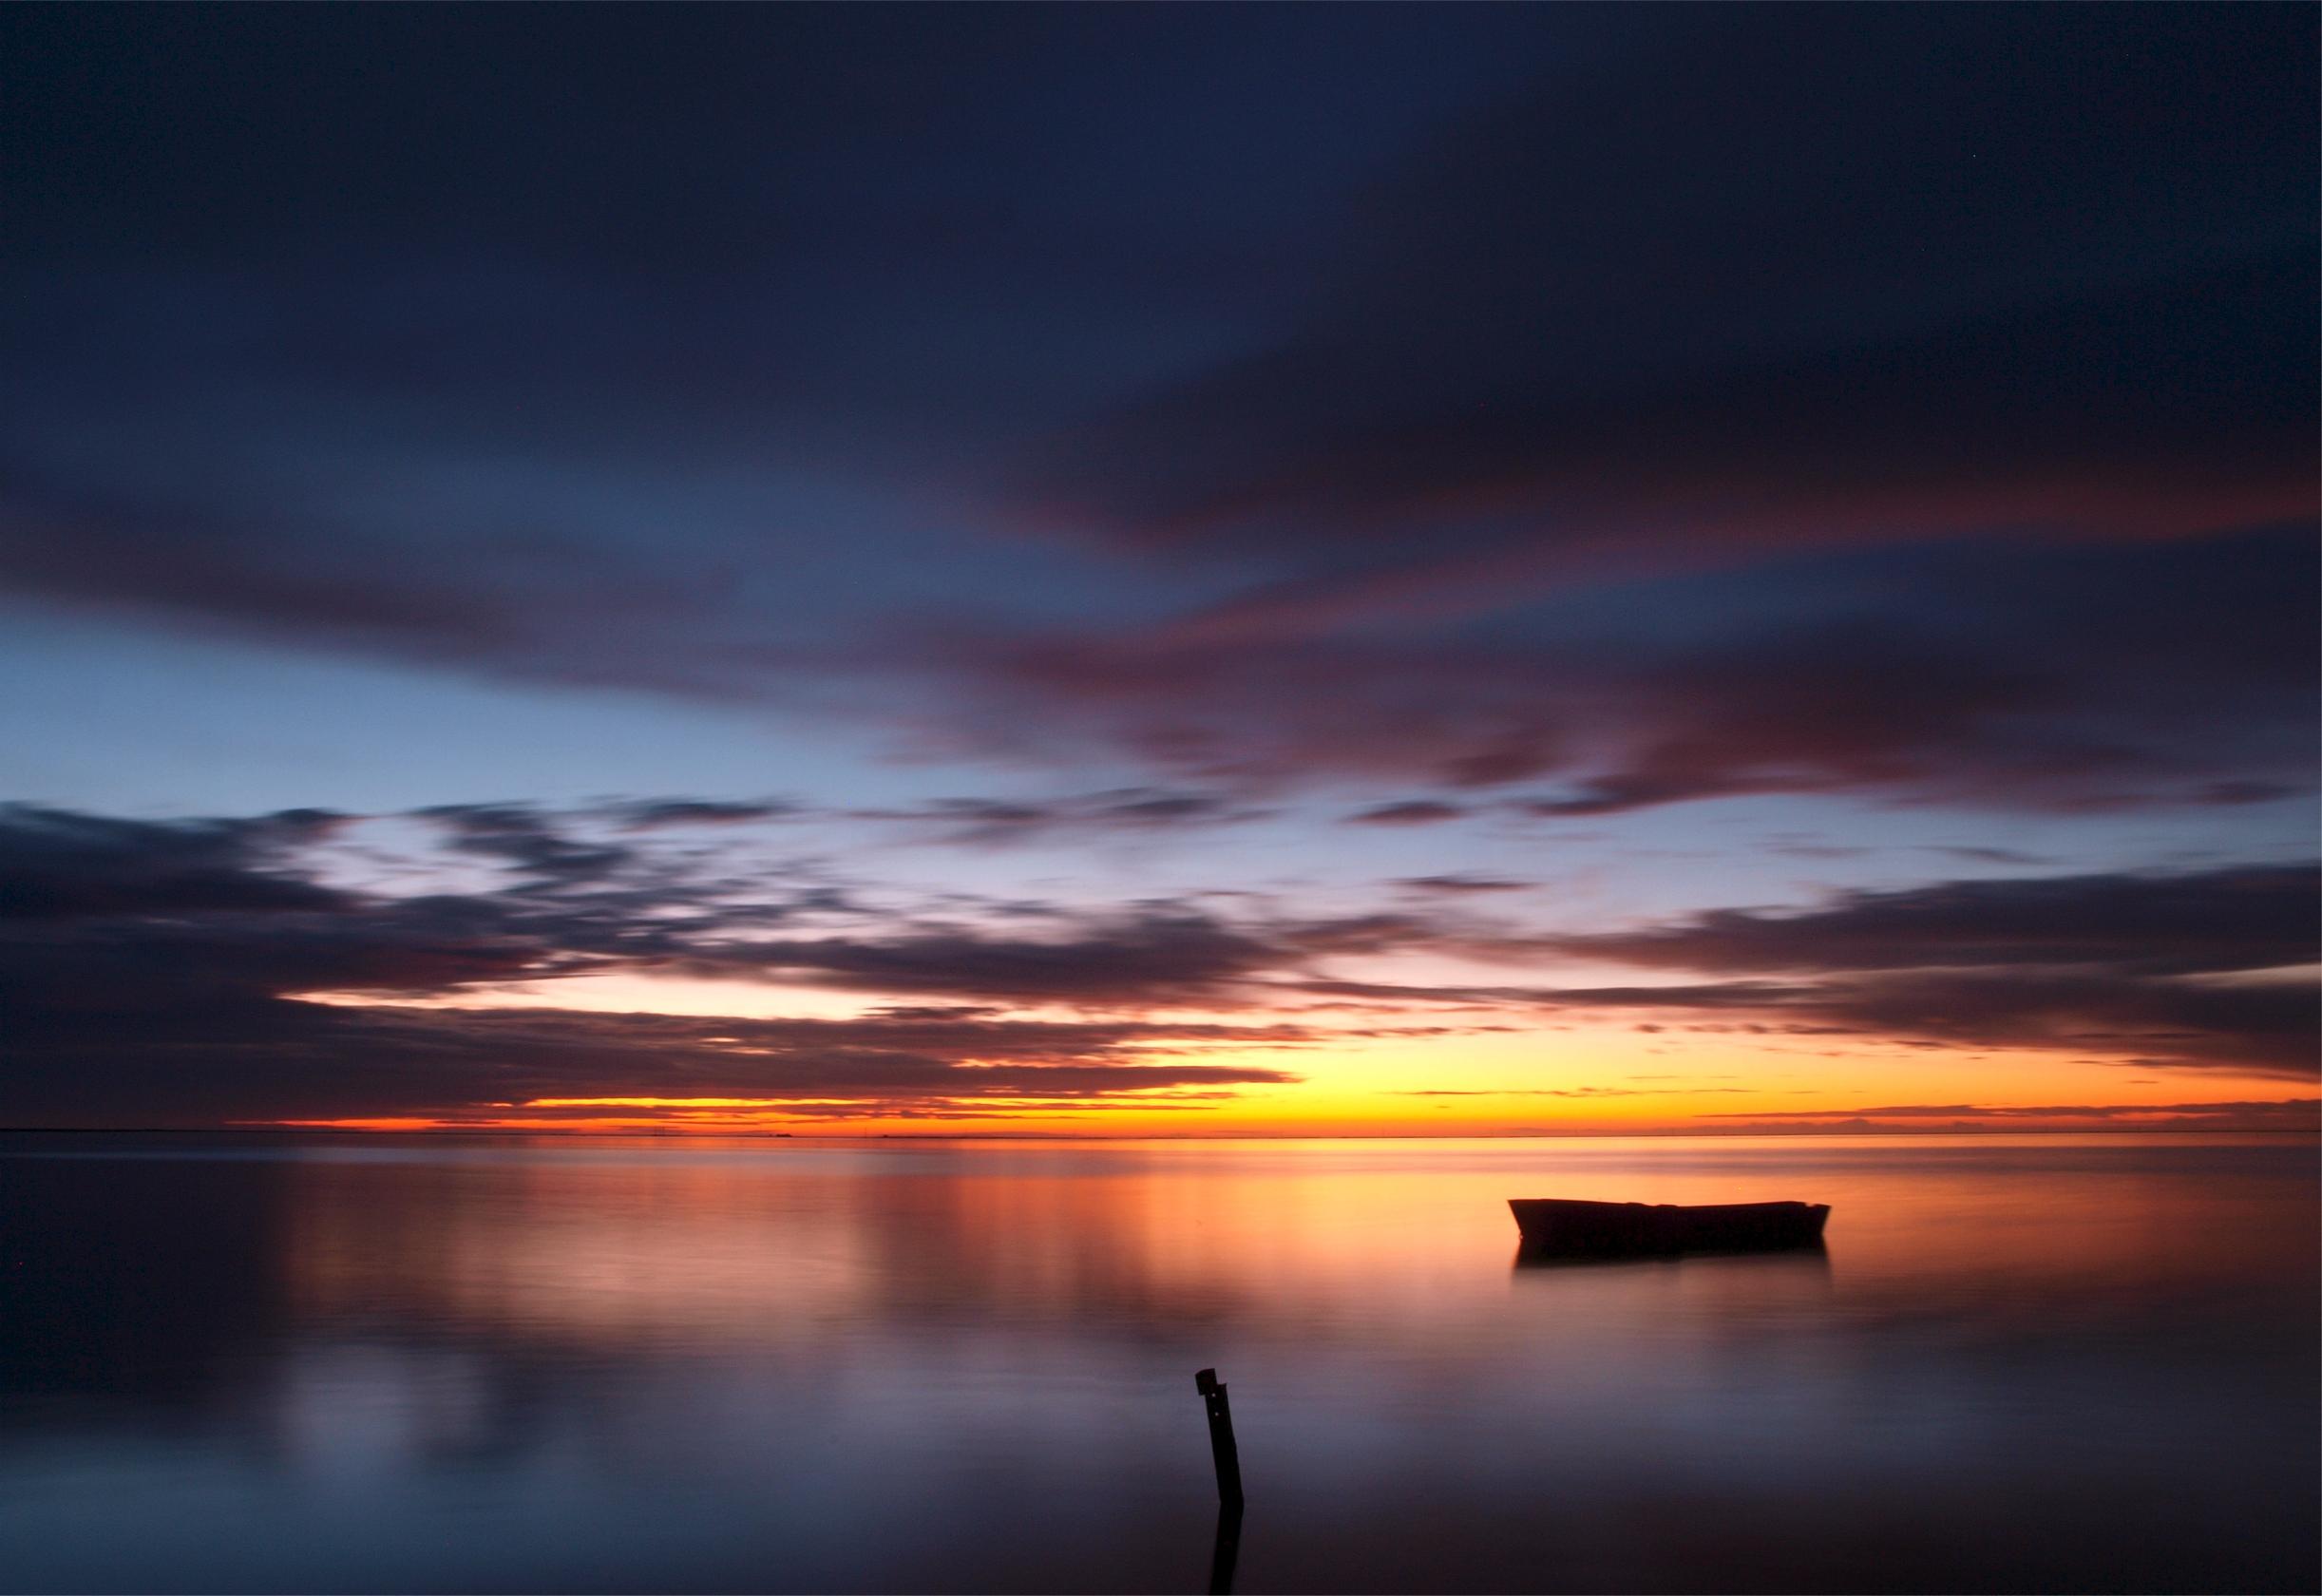 93825 скачать обои Природа, Лодка, Небо, Море, Закат, Штиль, Вечер - заставки и картинки бесплатно